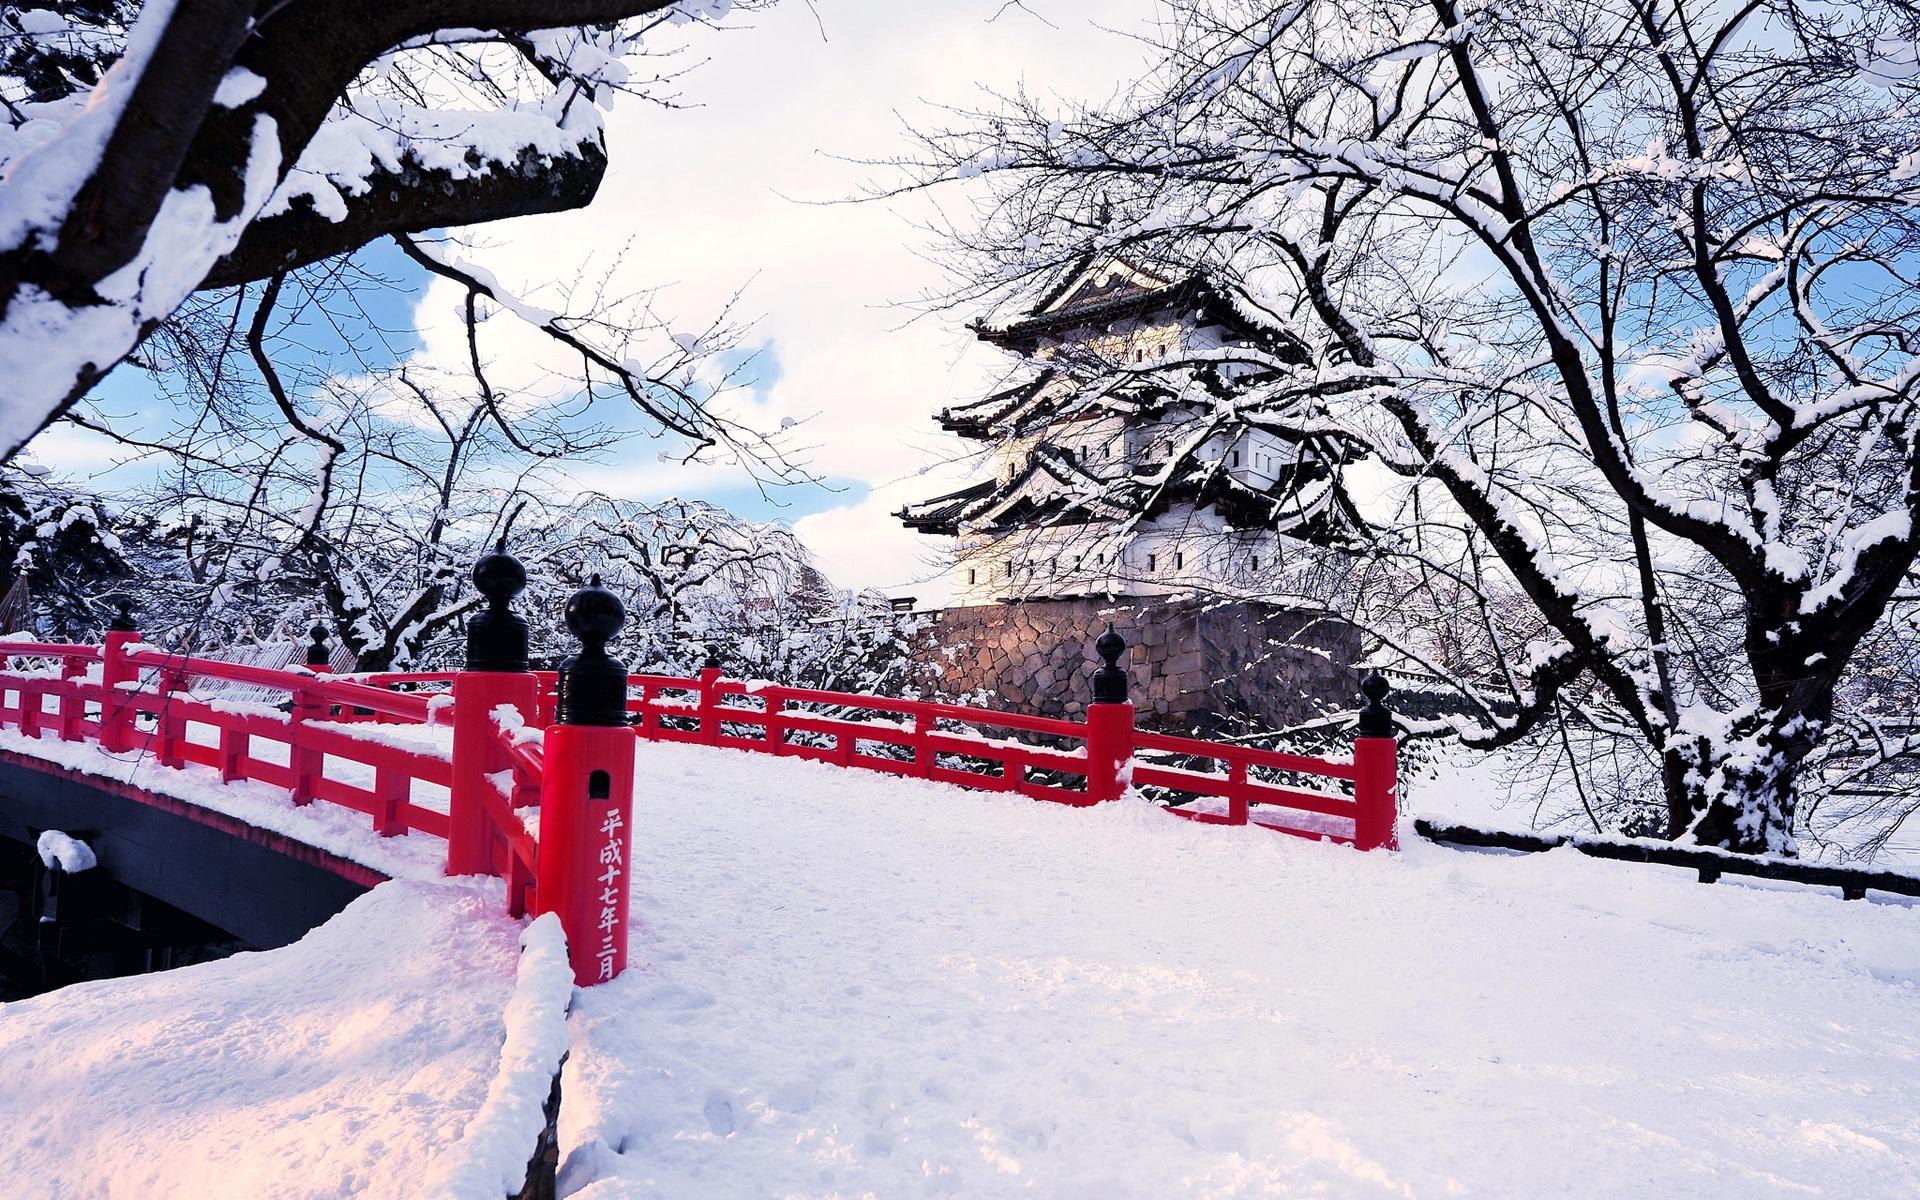 снег деревья мост бесплатно